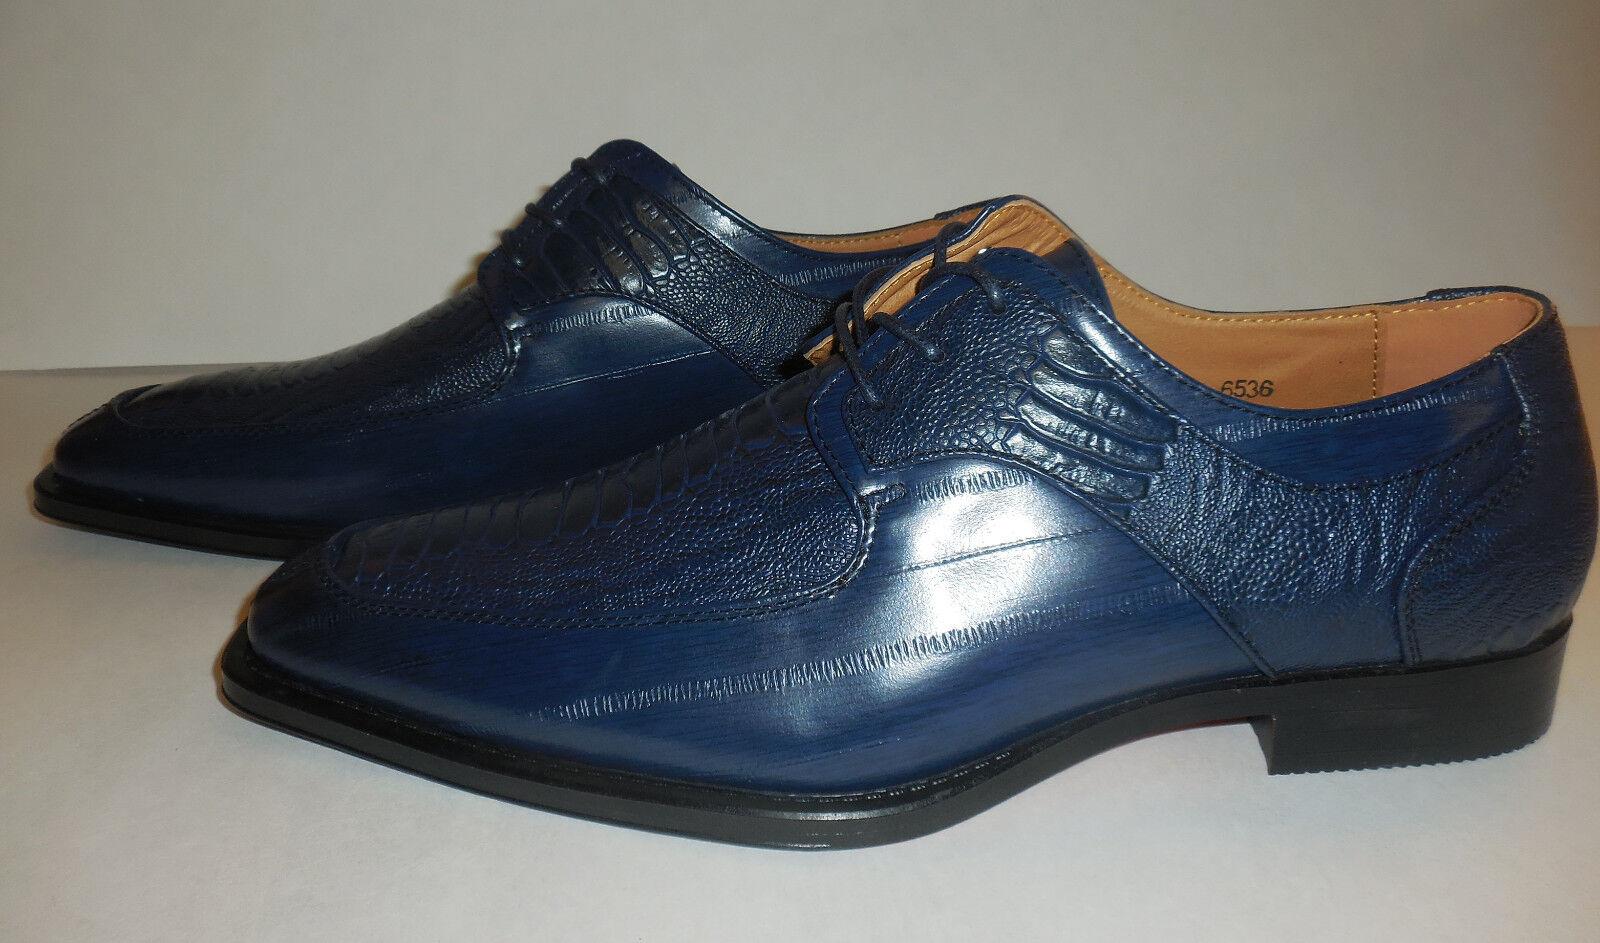 Para Hombre Nueva Edición Antonio De Cerrelli Oxford Zapatos De Antonio Vestir 6536 Azul Marino Moderno Toe a28231